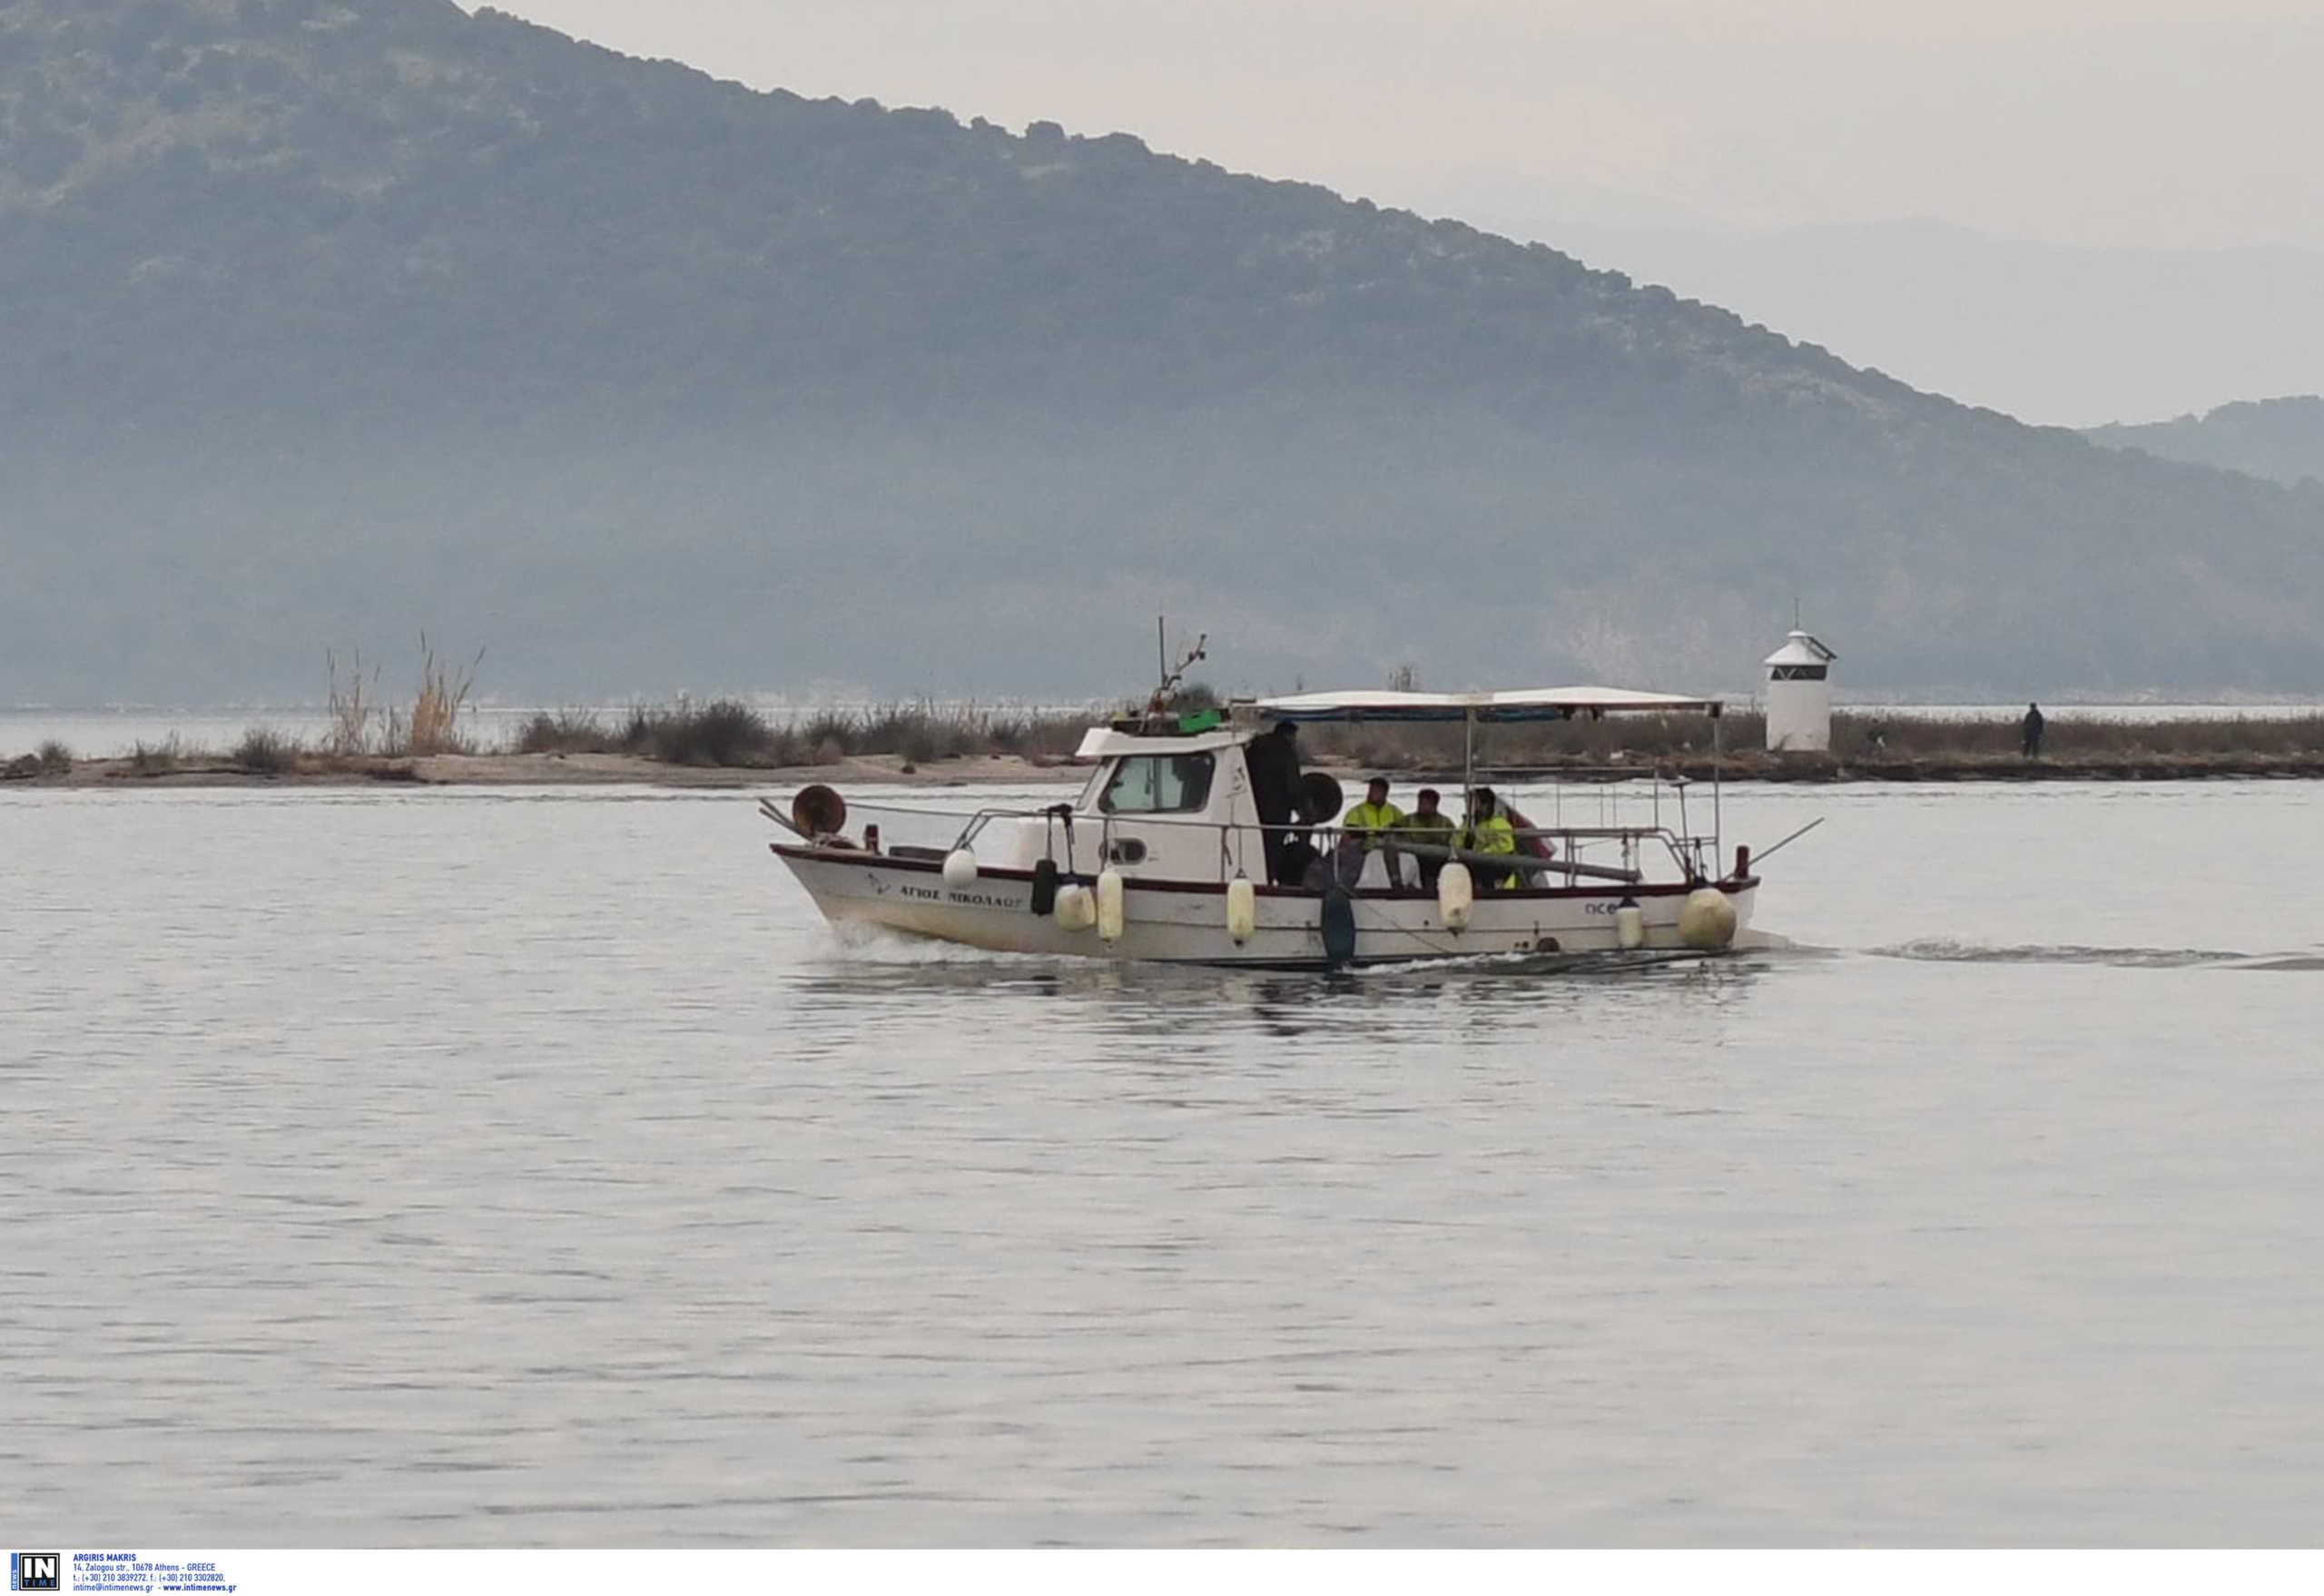 Μια 20χρονη βρέθηκε νεκρή από το ναυάγιο μεταναστών στη Λέσβο